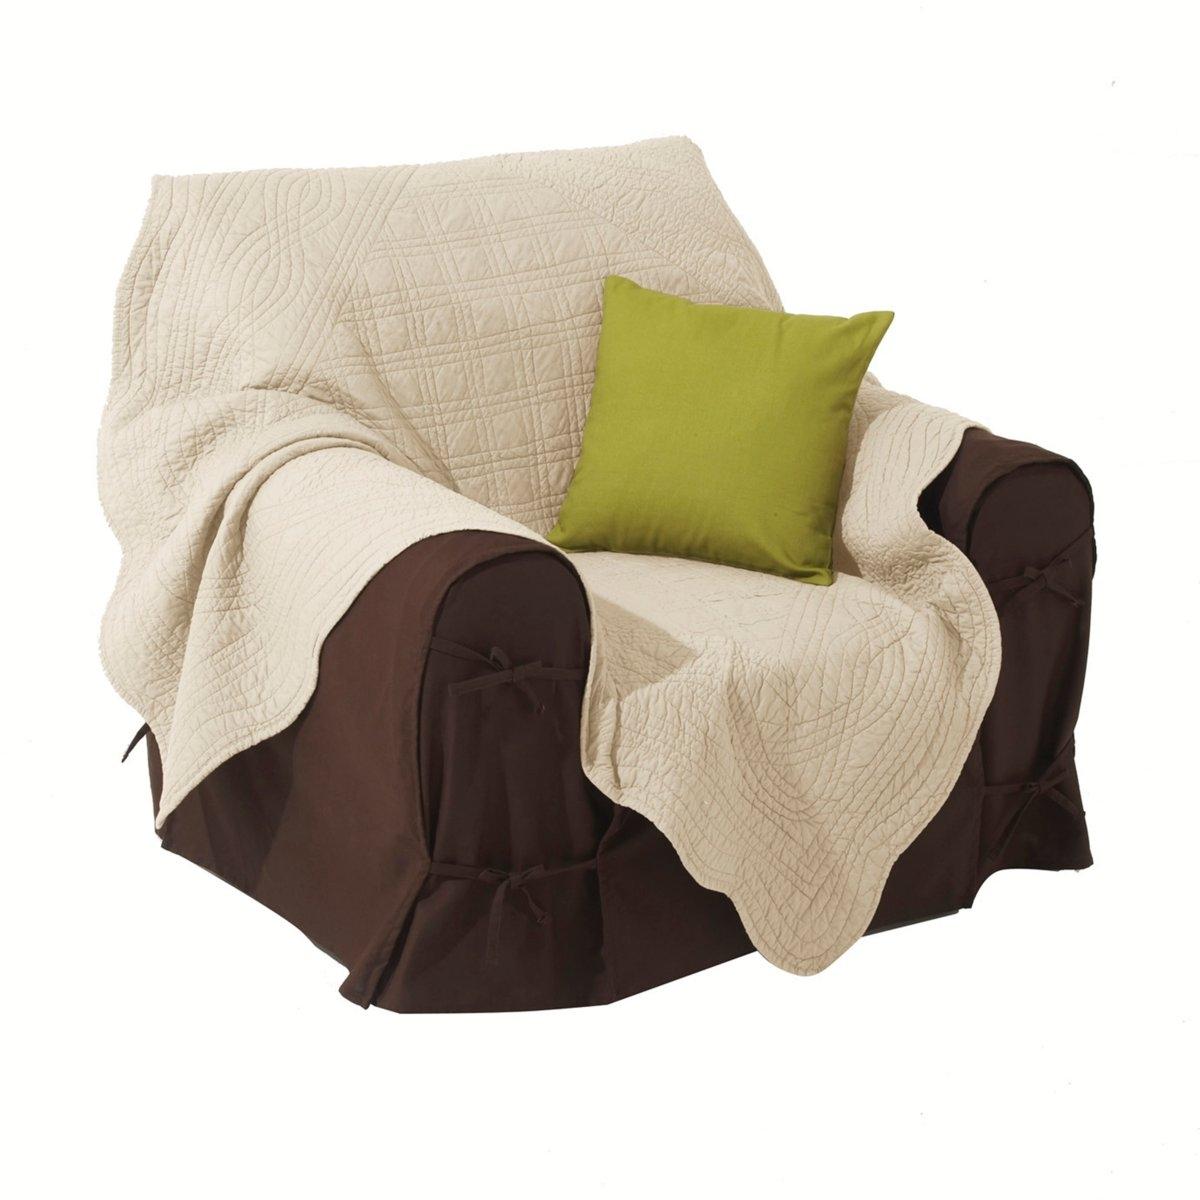 Покрывало стеганоеКачество VALEUR S?RE за качество материалов и тщательную отделку. 100% хлопка. Ручная работа, рельефная стежка, современная цветовая гамма. Наполнитель из 100% хлопка (250 г/м?). Волнистые края. Украсит кровать, кресло, диван… Стирка при 40°. Превосходная<br><br>Цвет: антрацит,светло-коричневый,экрю<br>Размер: 150 x 150  см.140 x 200  см